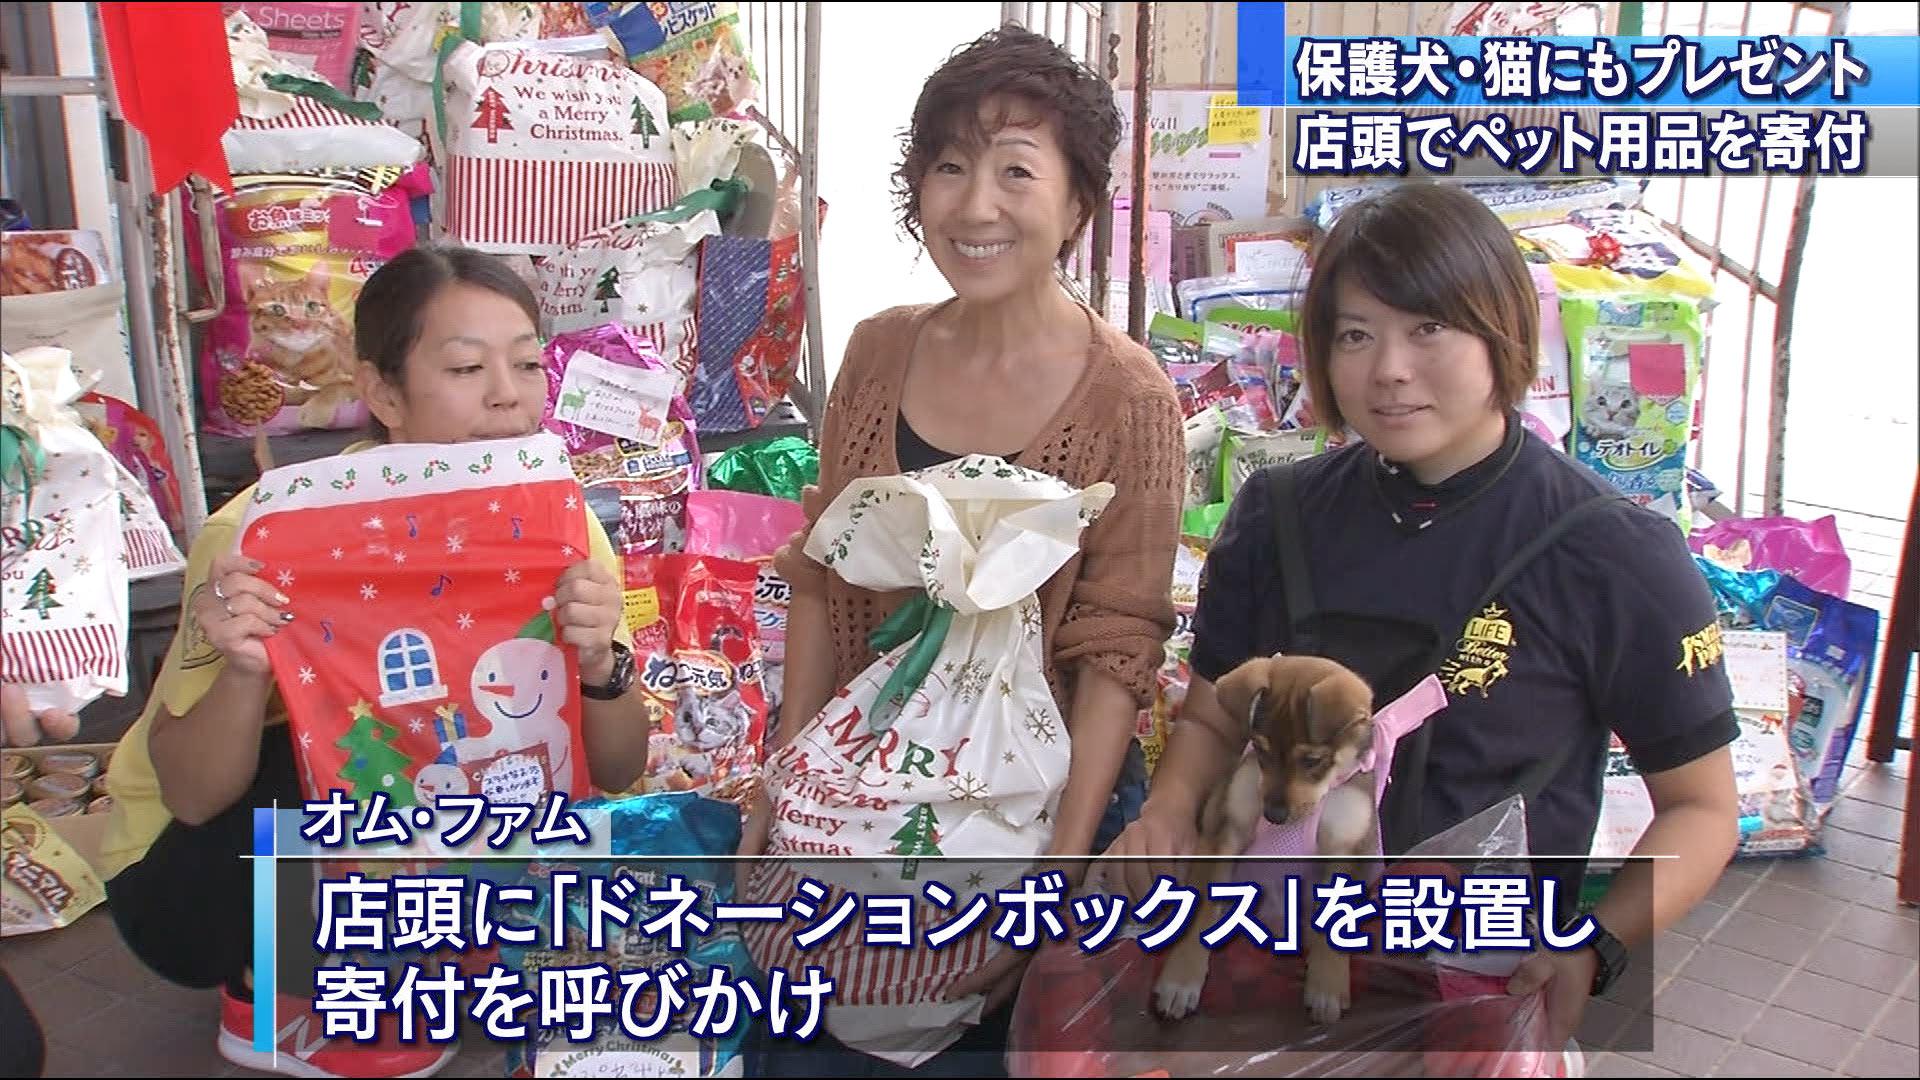 12月25日はクリスマス。子どもたちだけではなく、犬や猫にもプレゼントが贈られました。